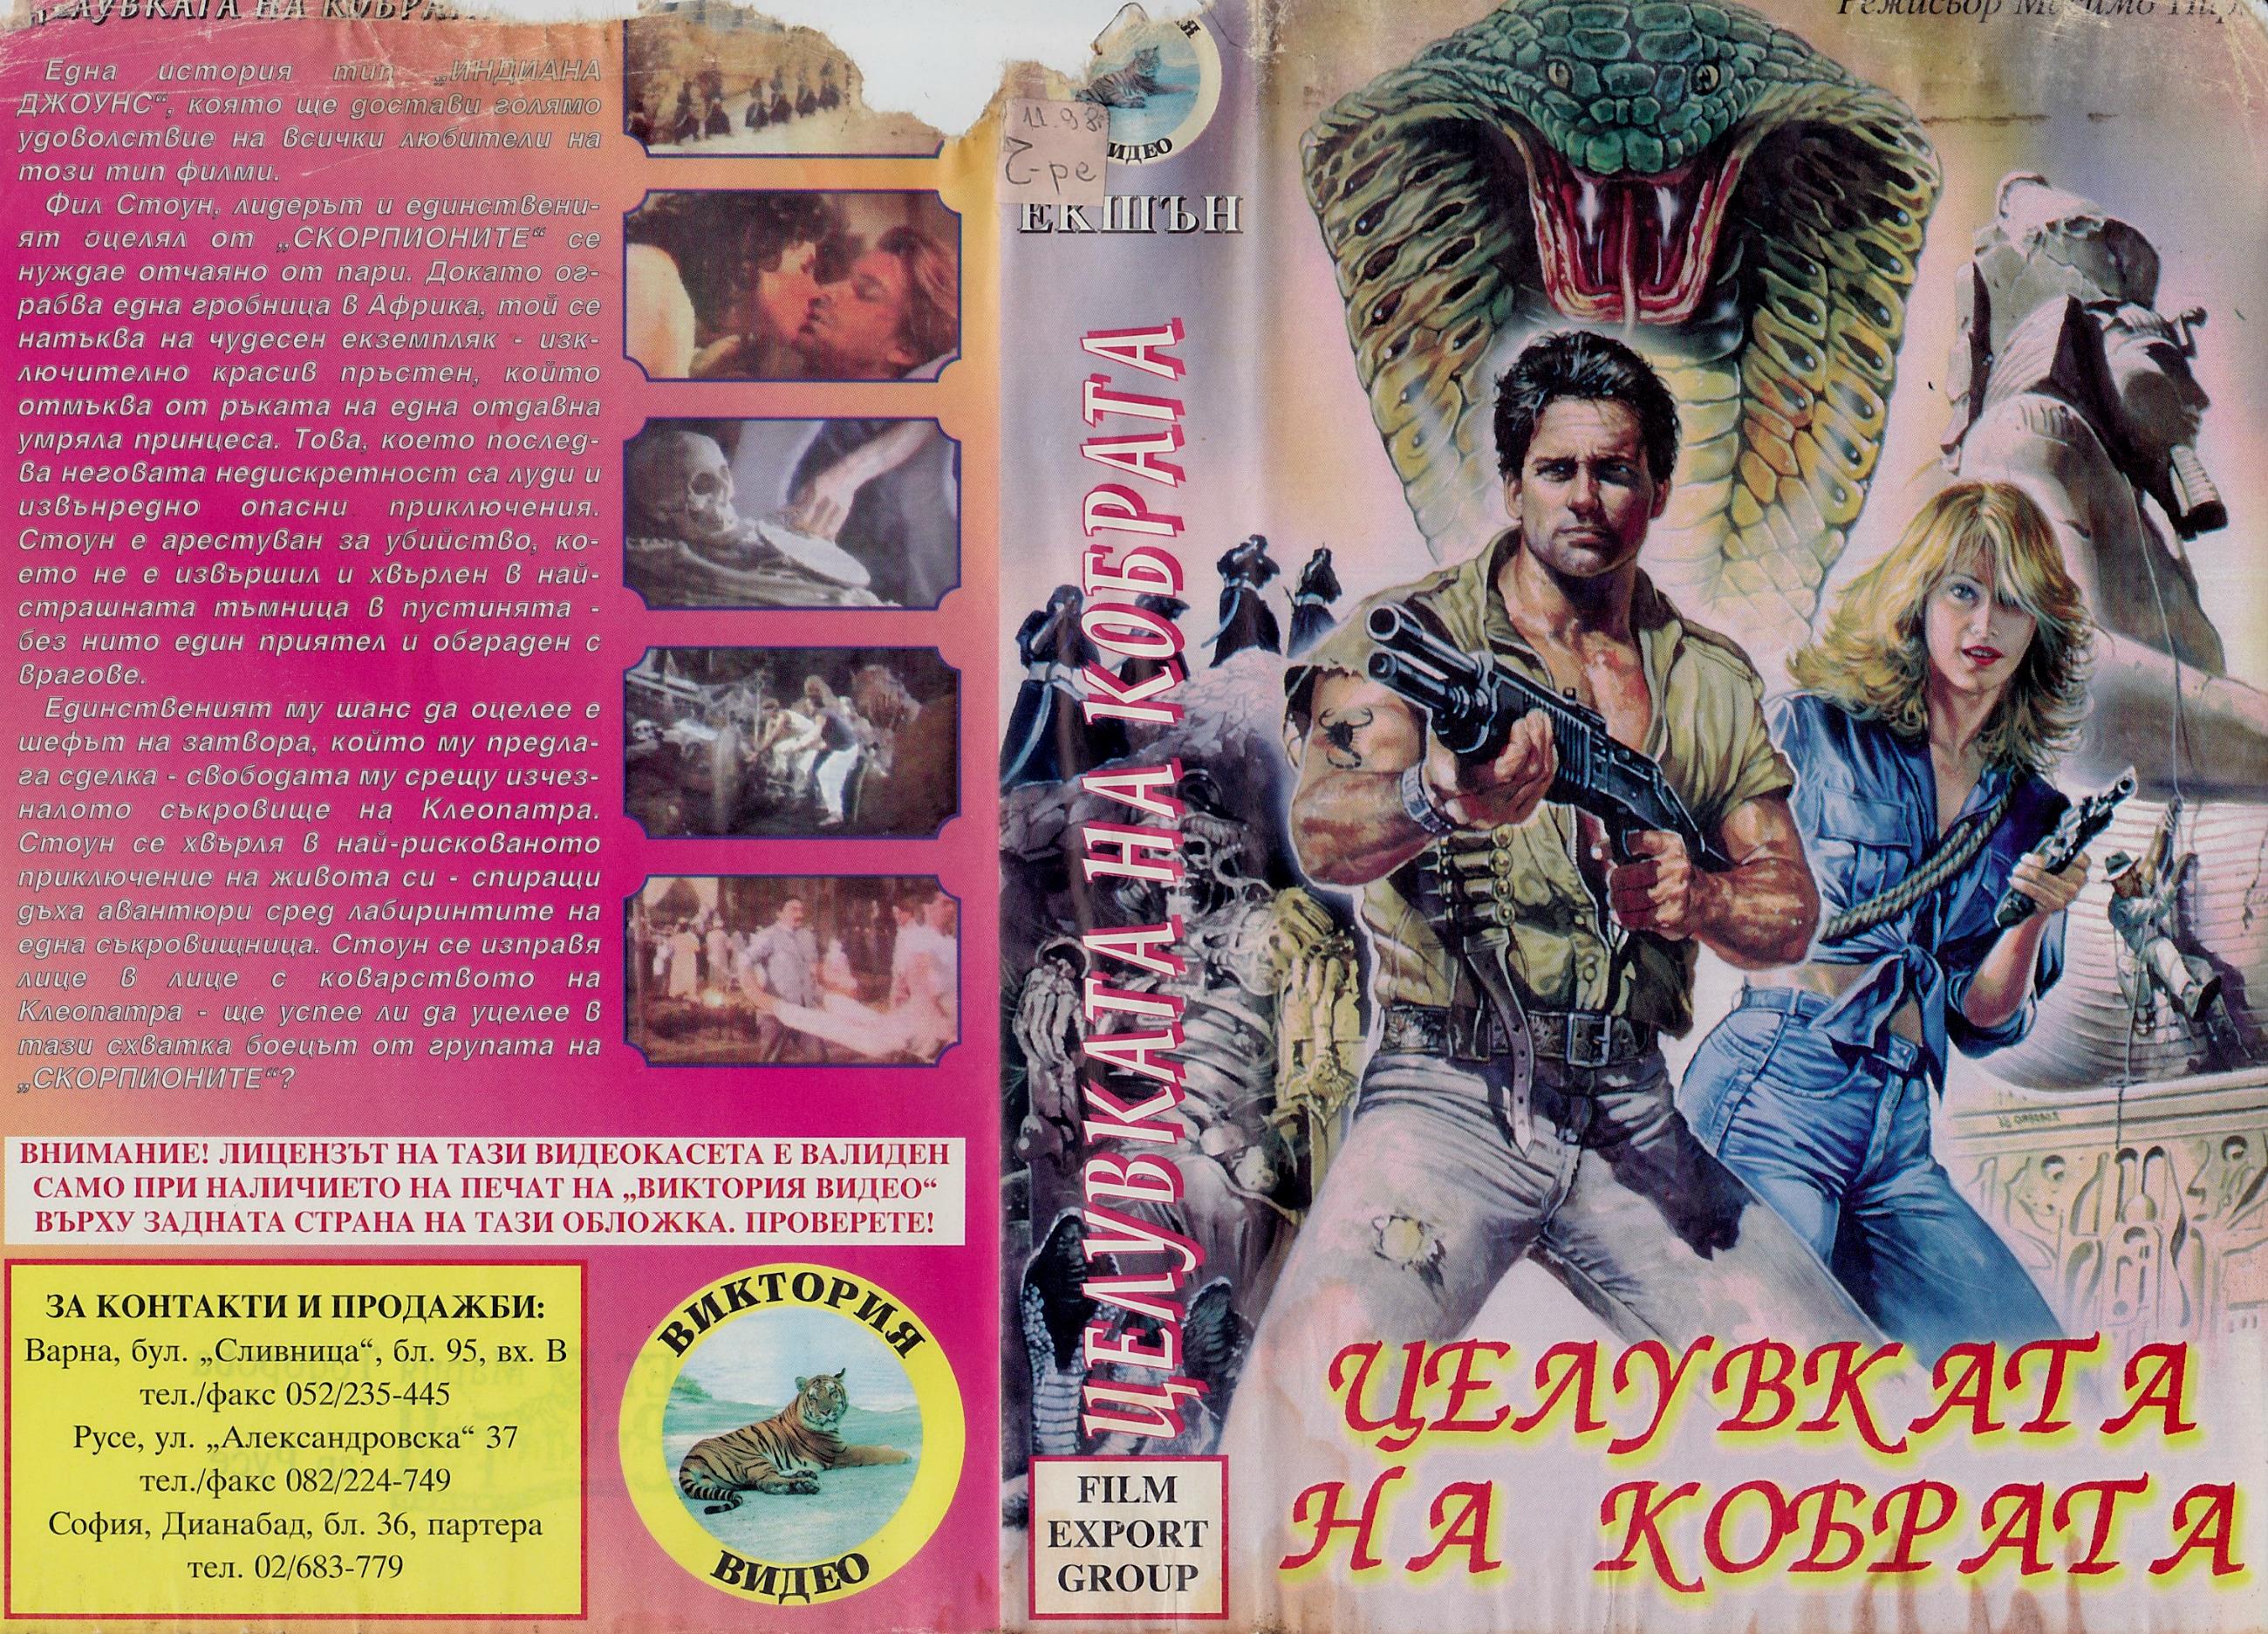 Целувката на кобрата филм постер